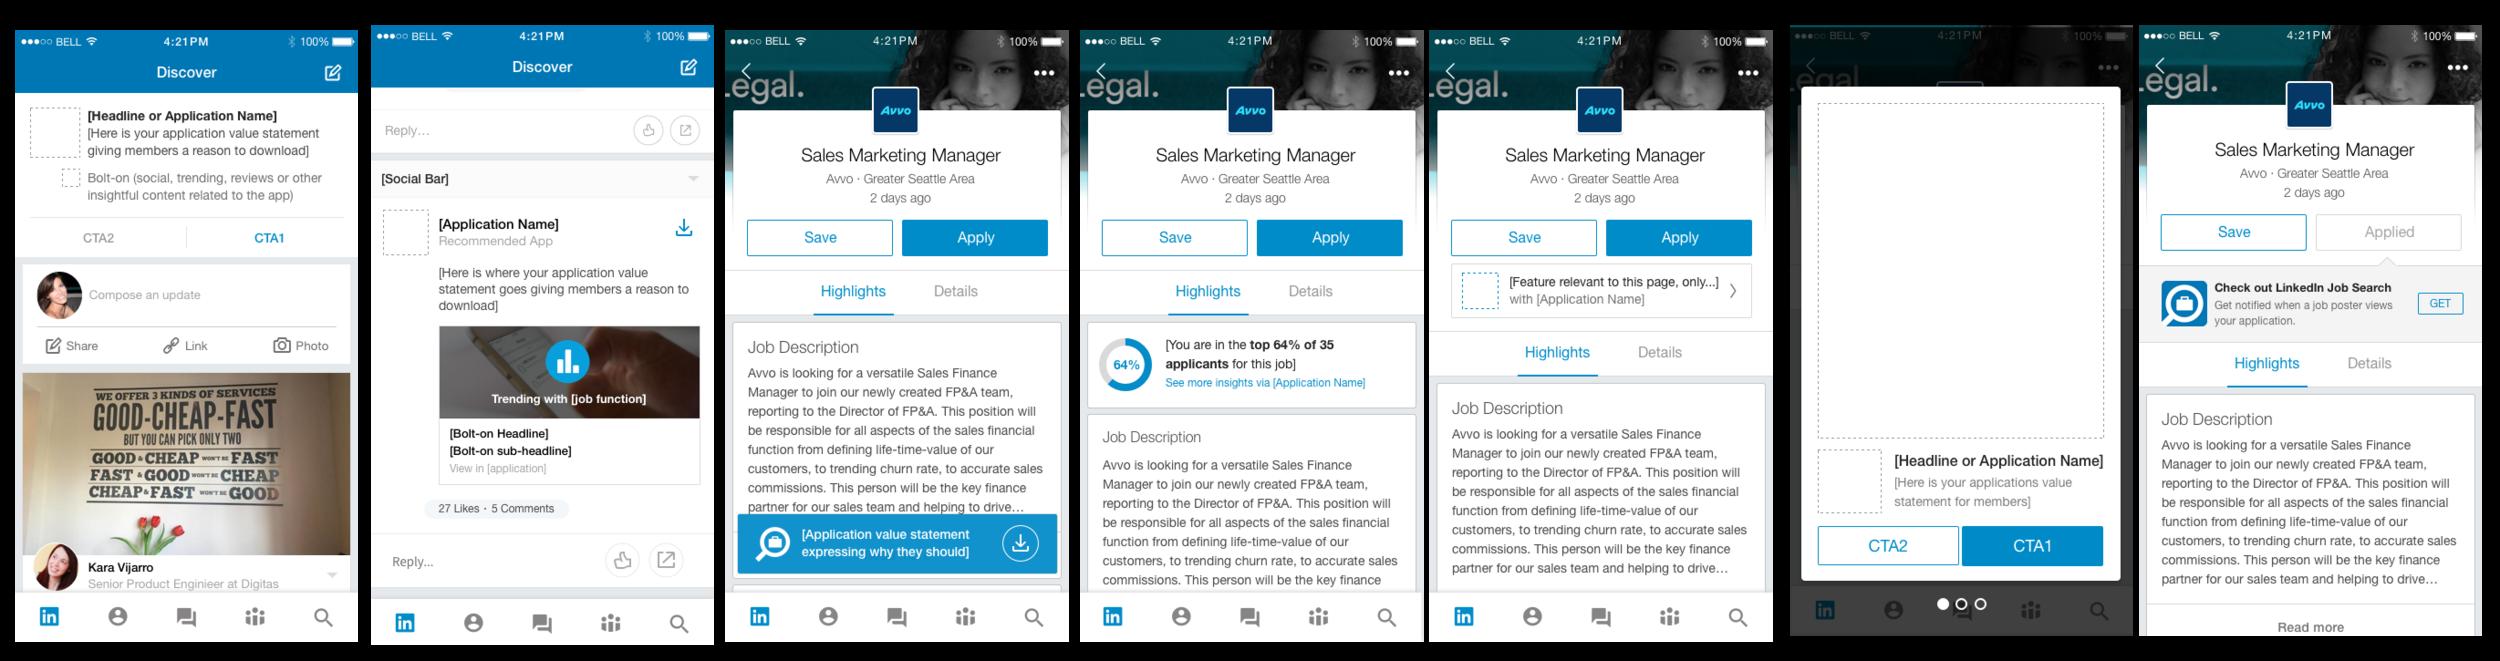 Promotional Framework for LinkedIn apps